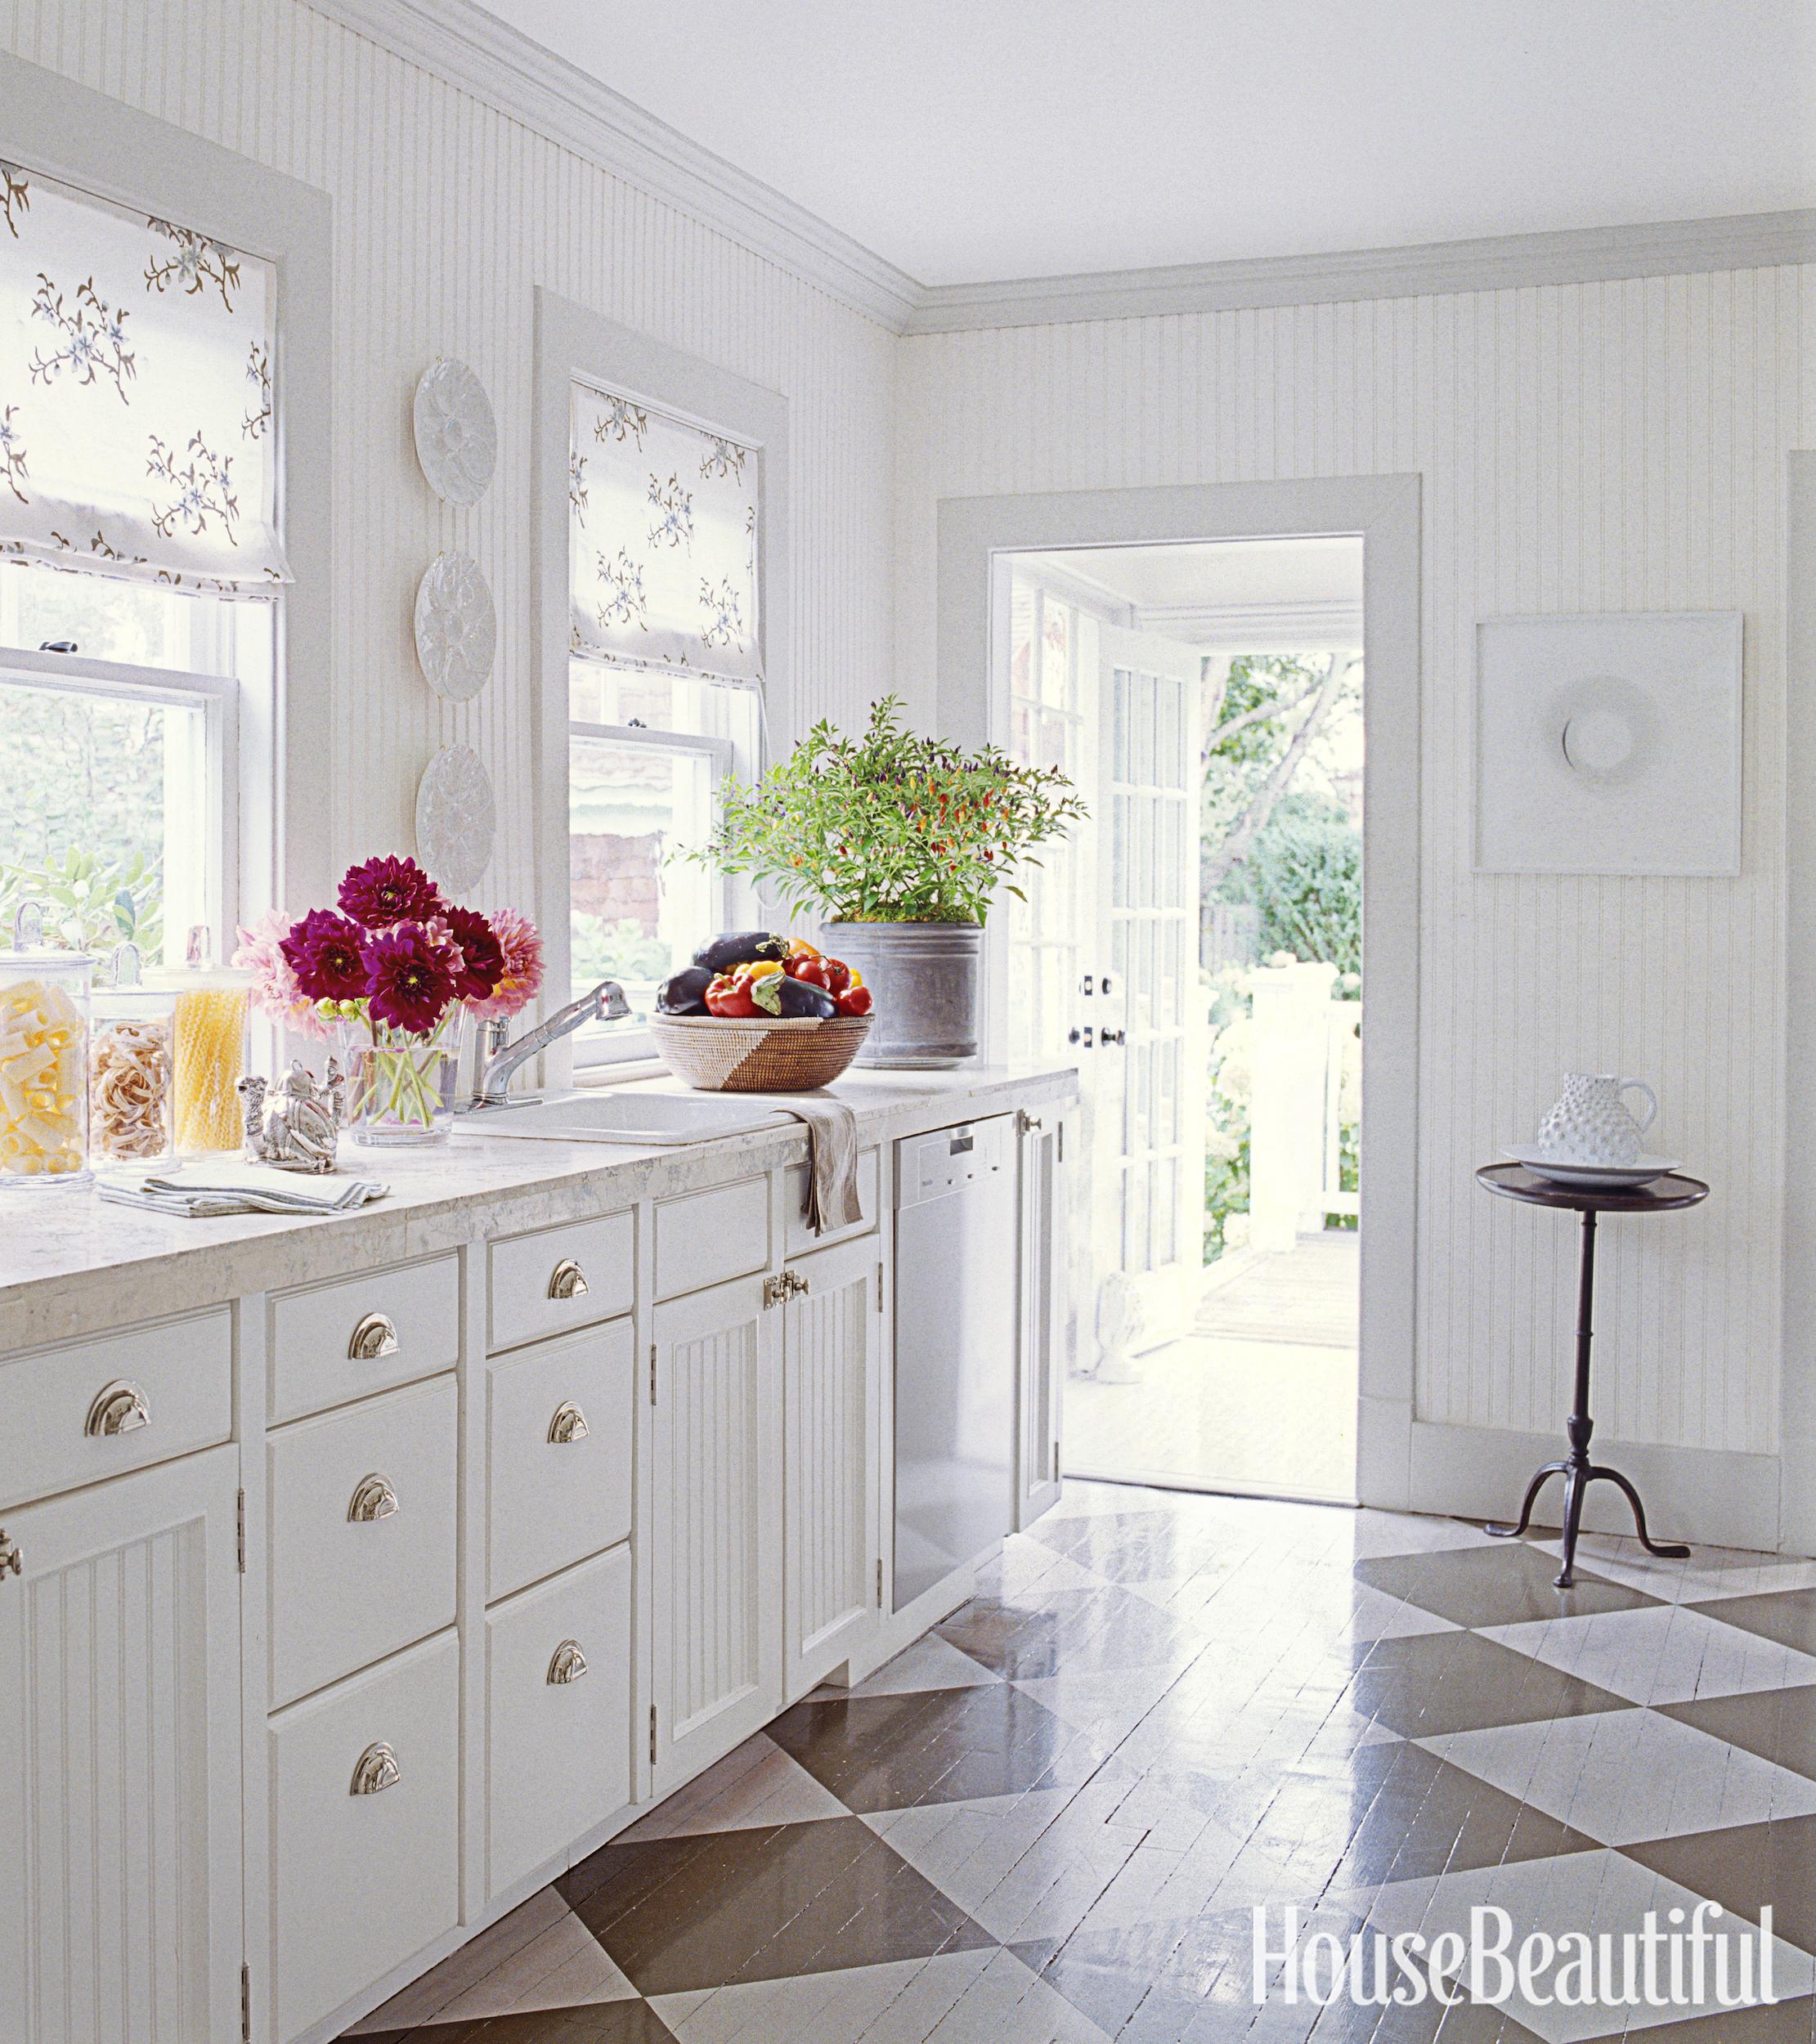 White Kitchen Design Ideas - Decorating White Kitchens